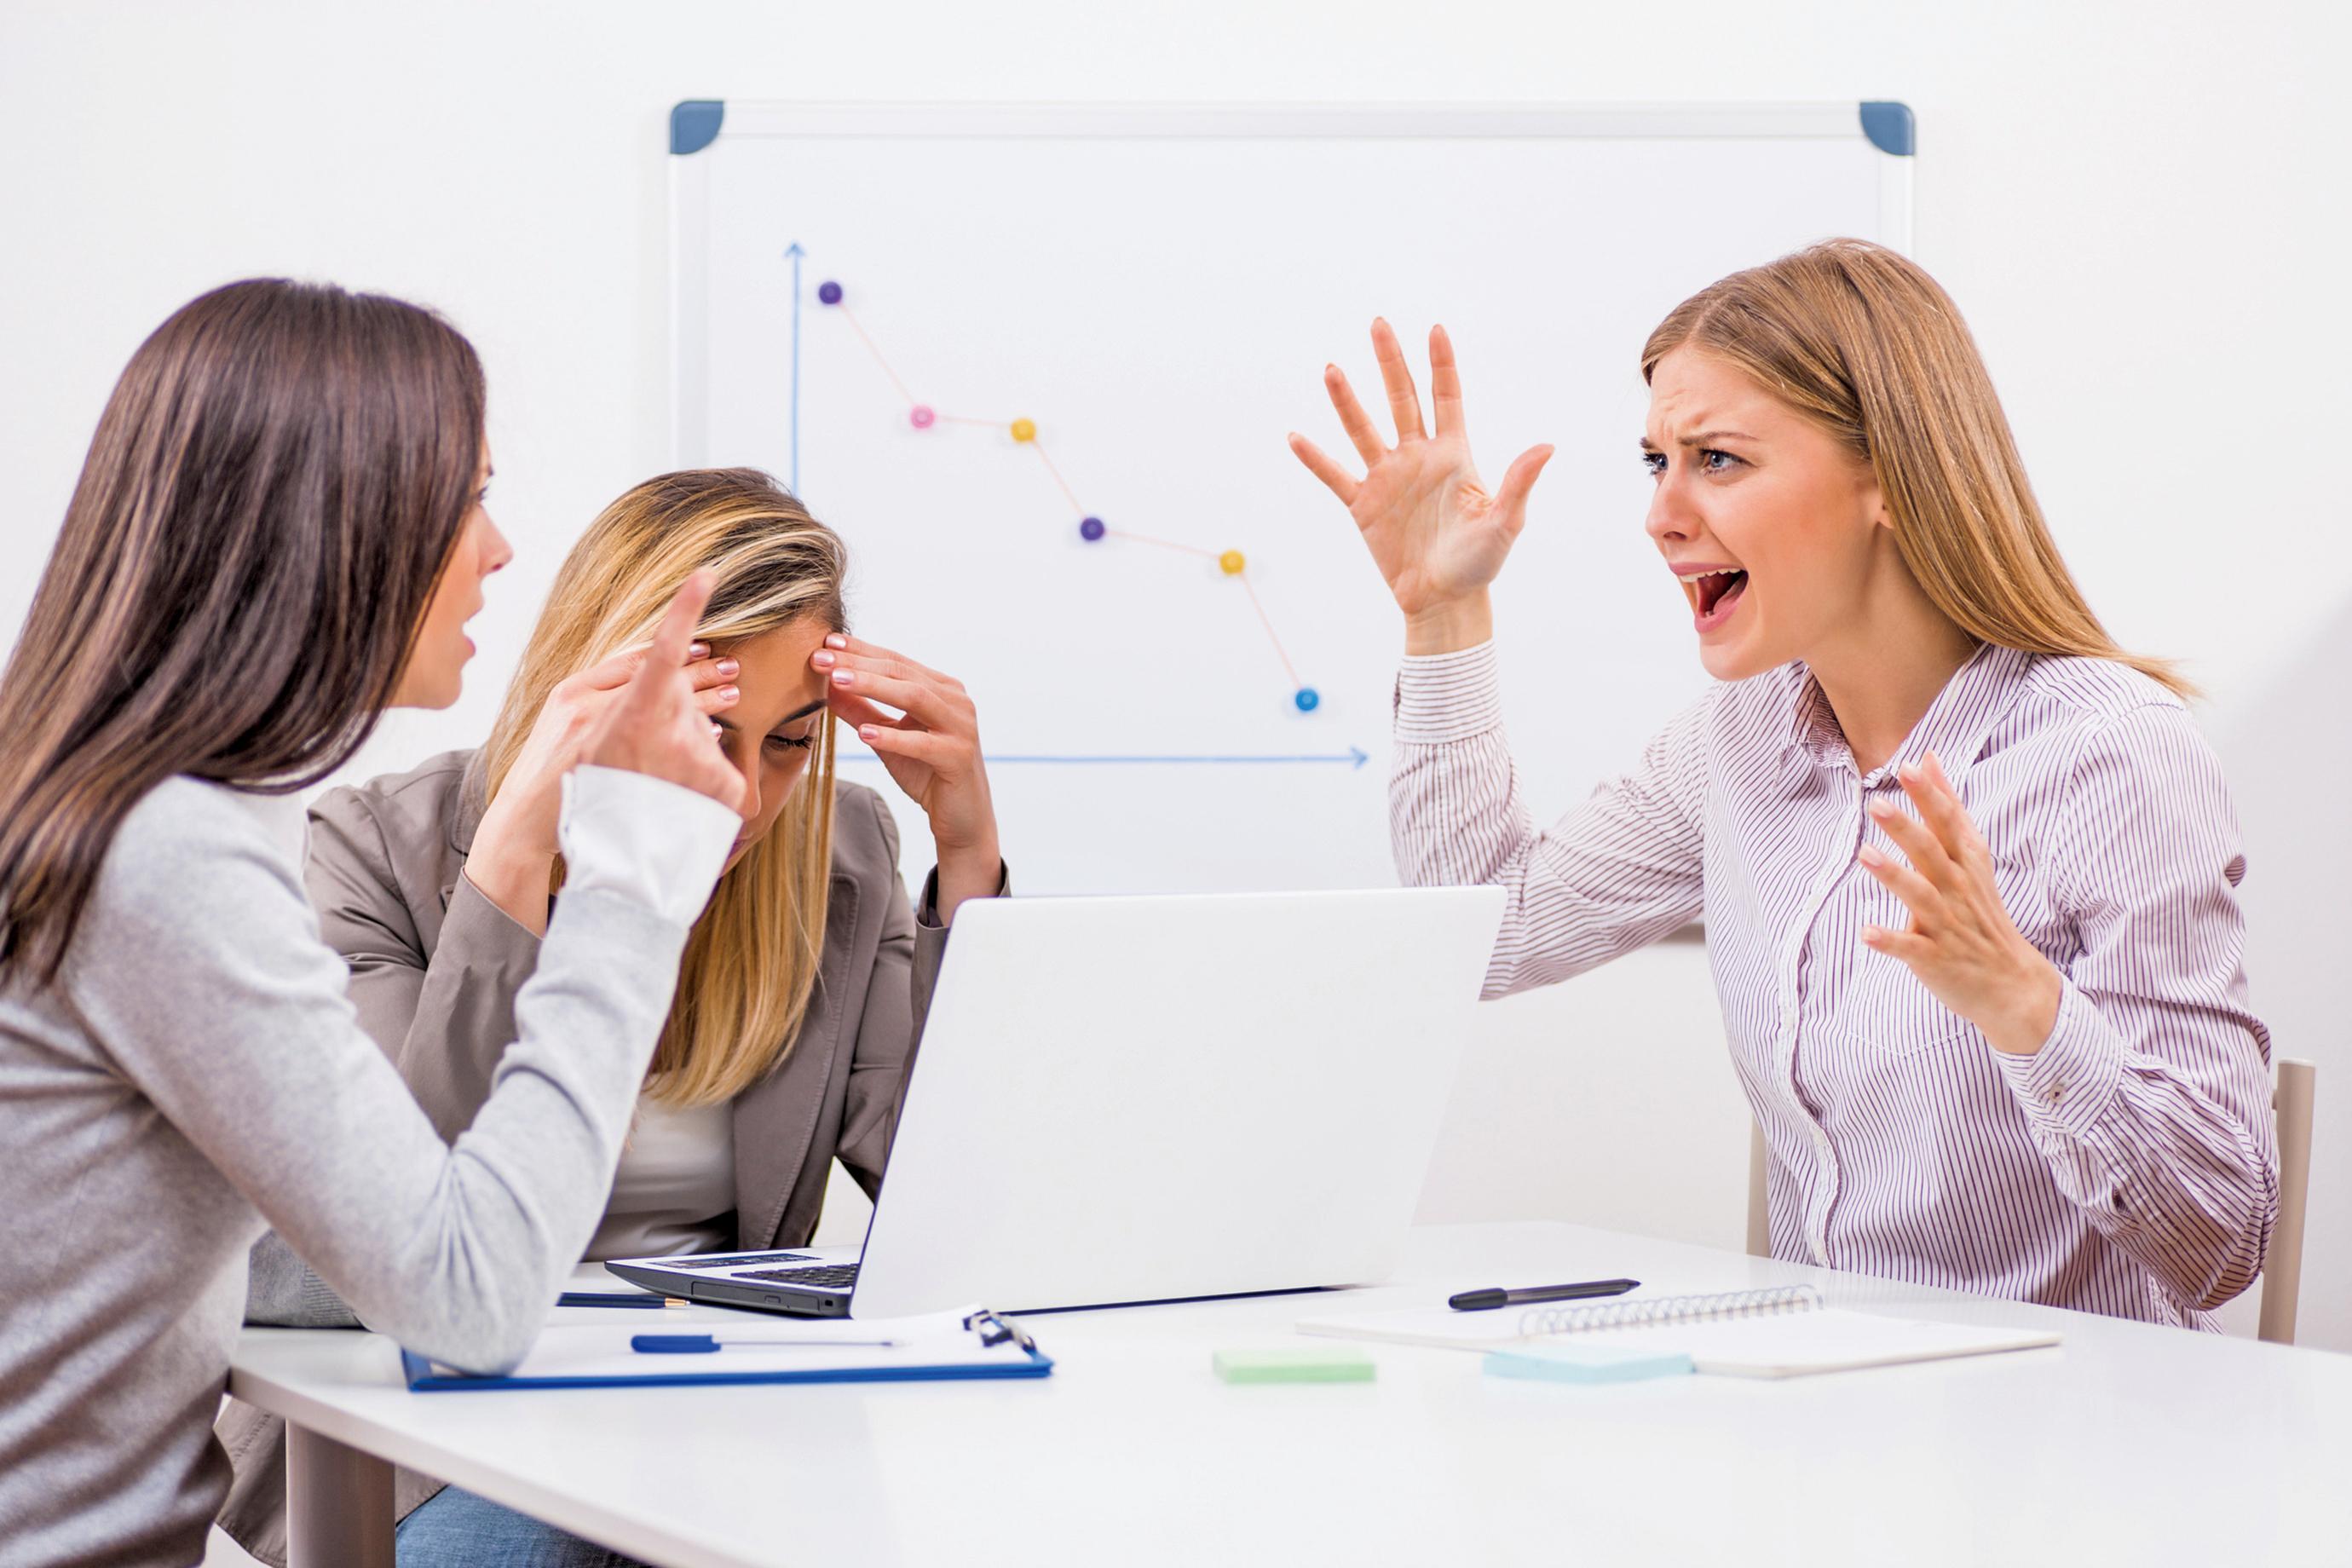 職場中的五大禁忌